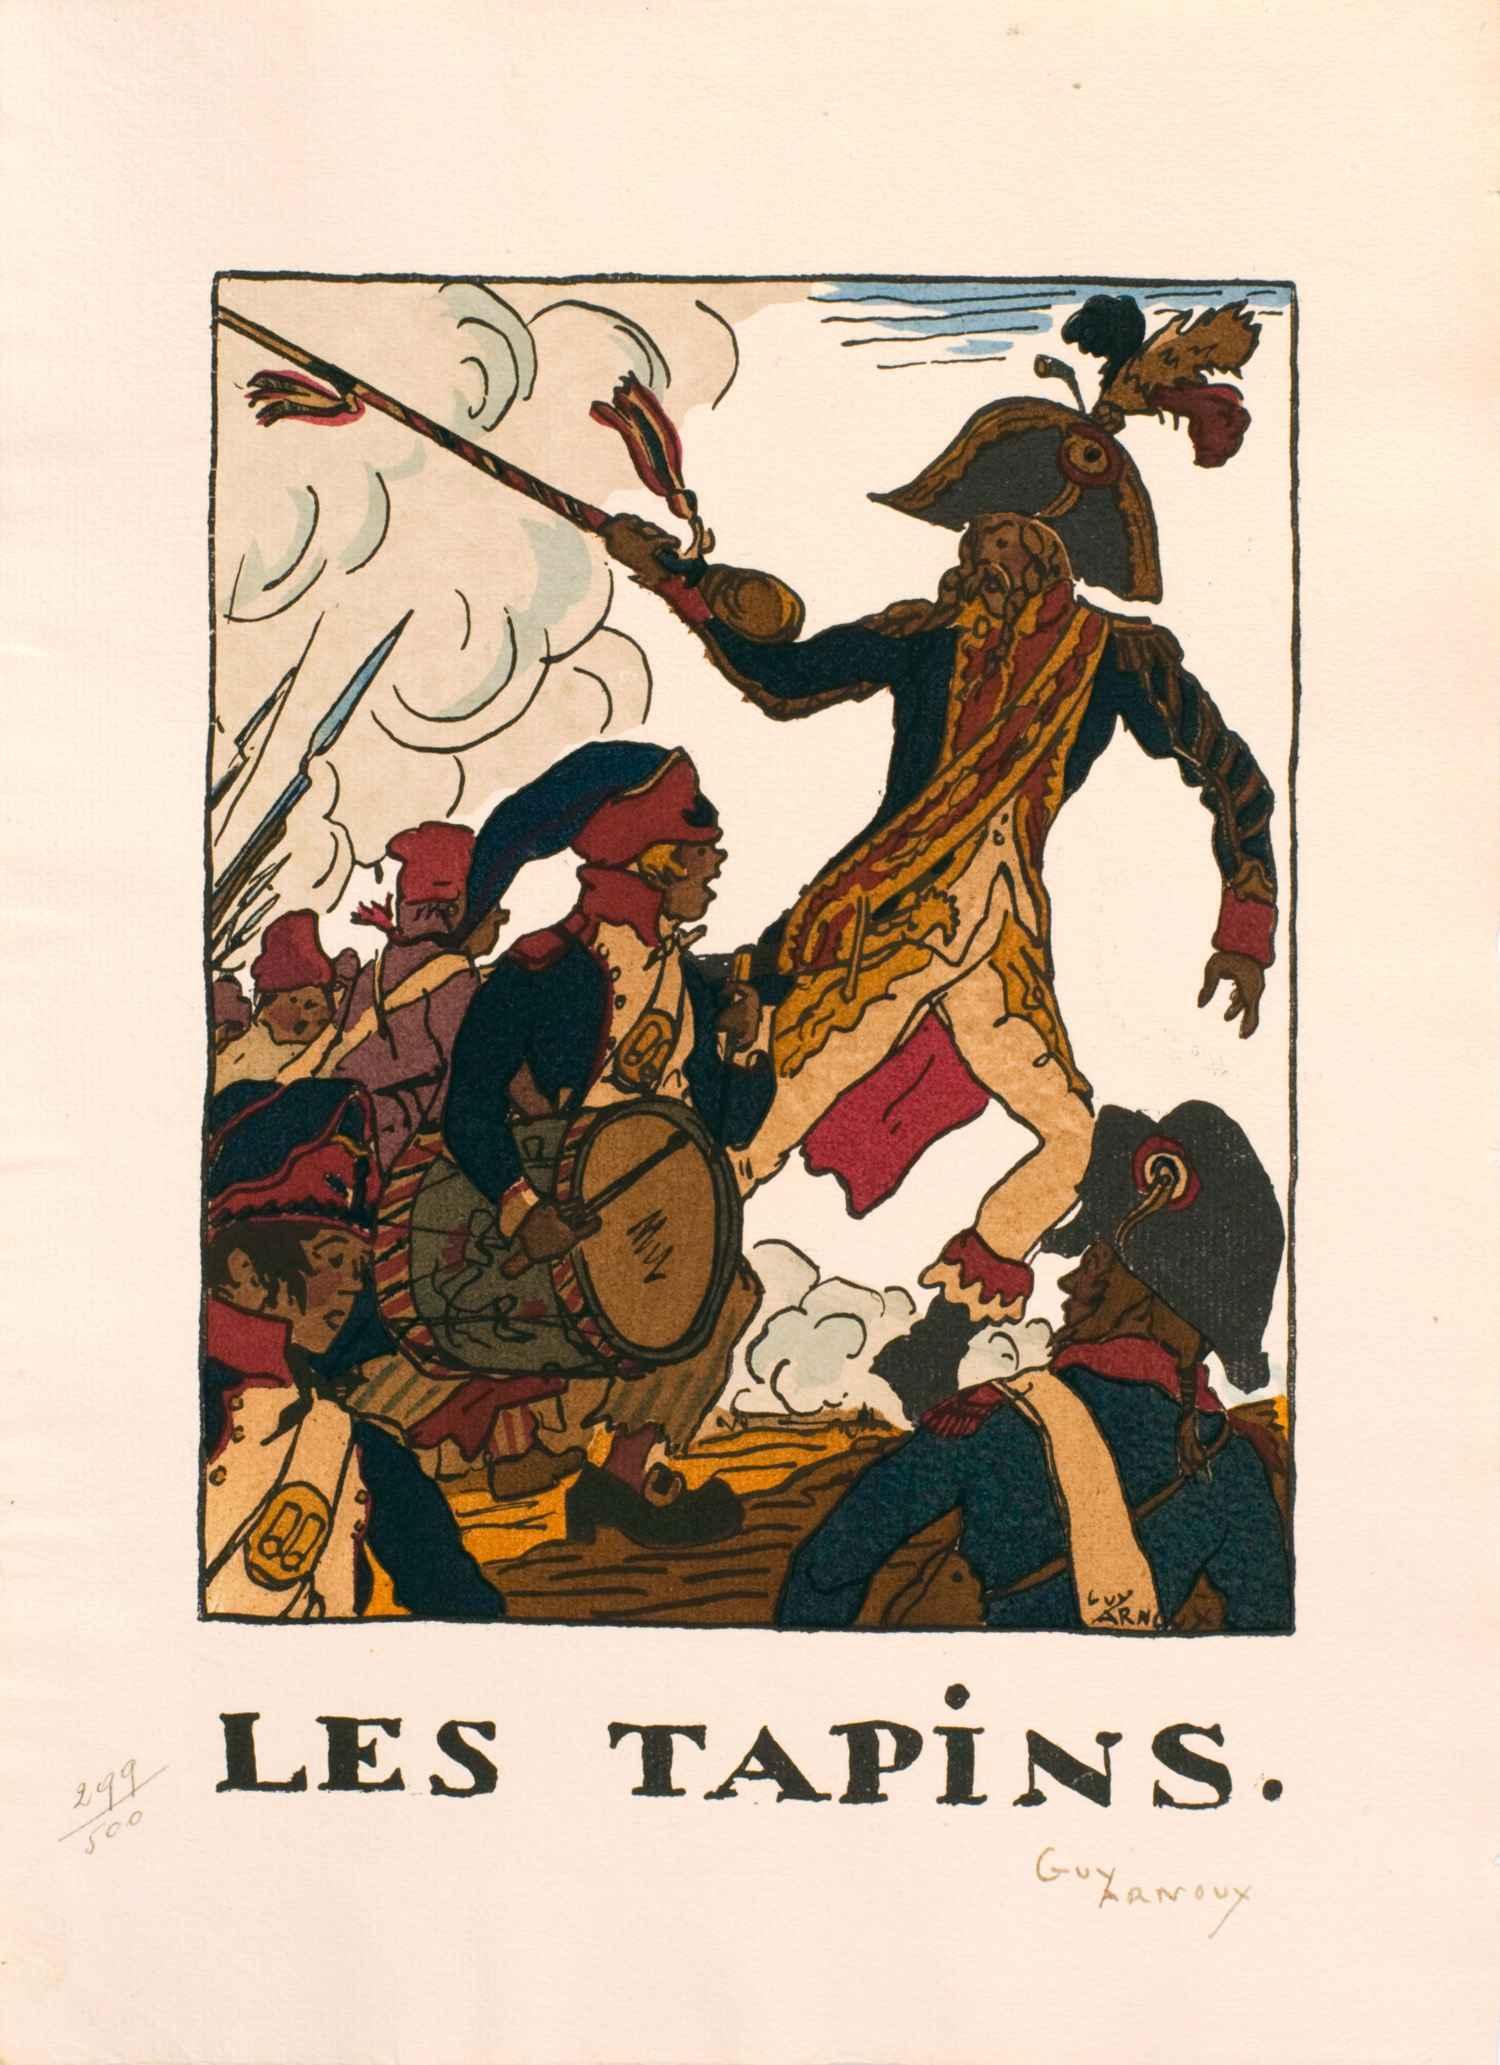 Les Tapins | Guy Arnoux | Les jeunes héros de France